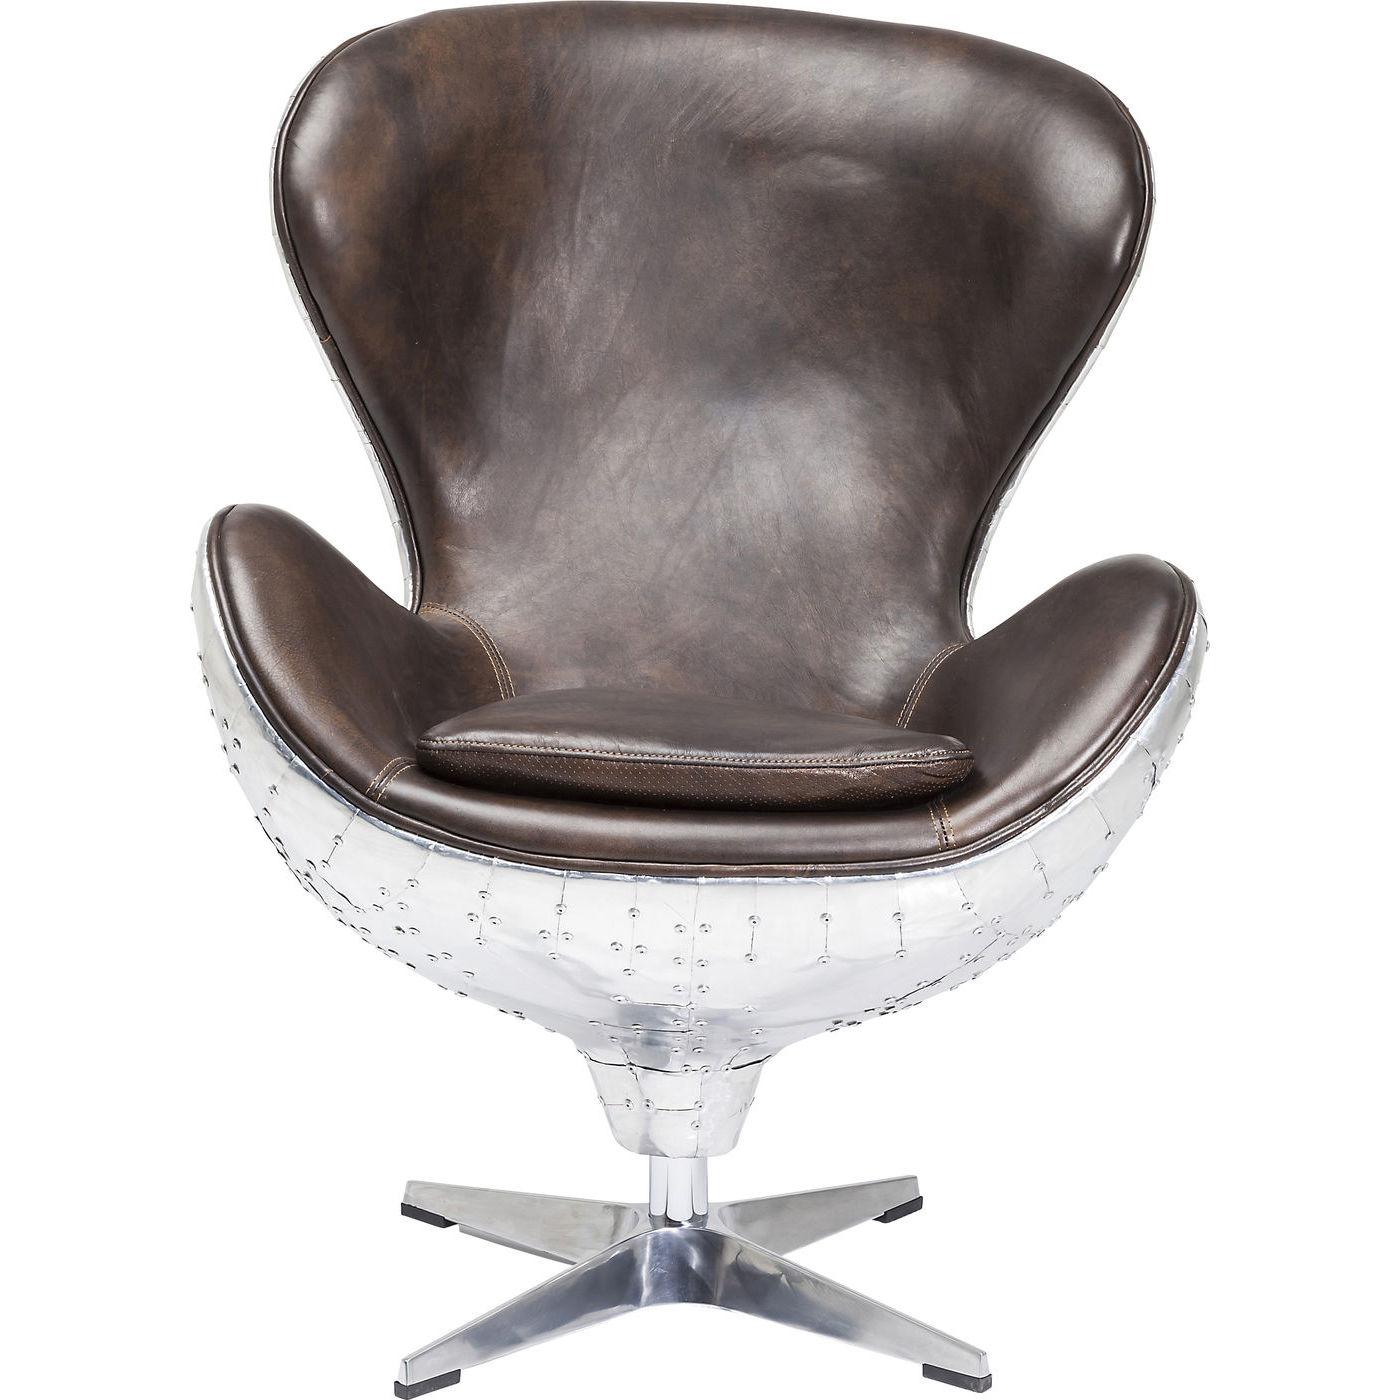 kare design Kare design soho big boss brown drejestol - brunt skind og aluminium fra boboonline.dk